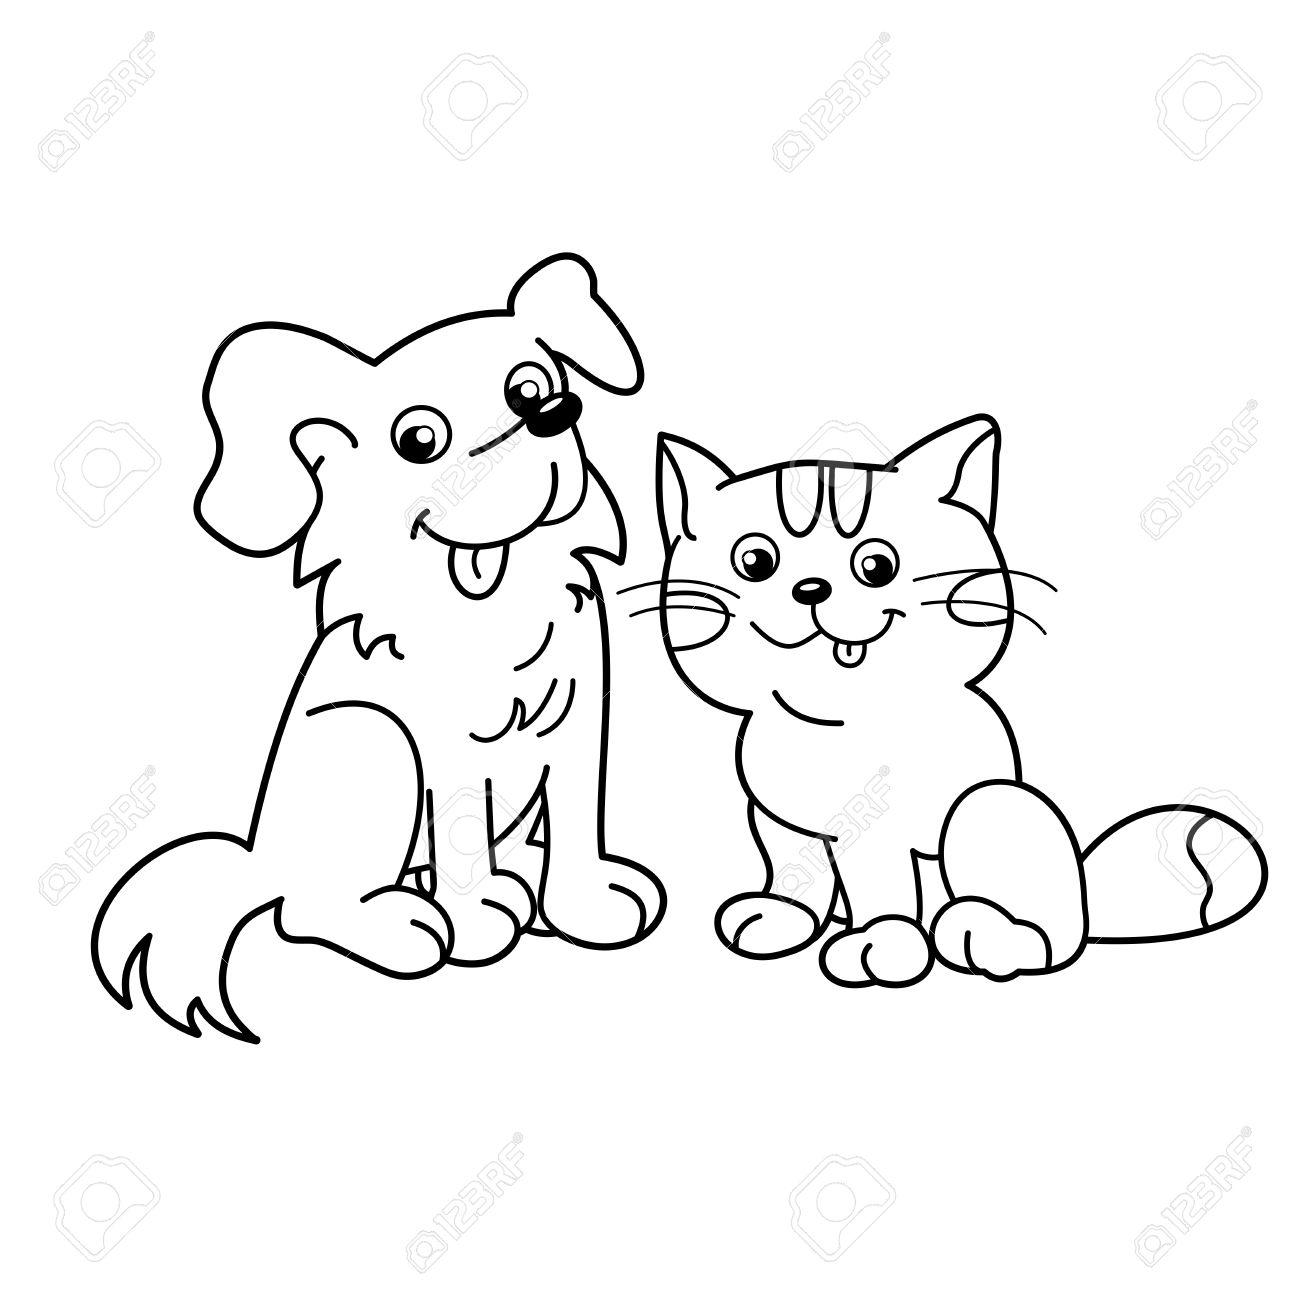 Nuevo Dibujos De Perros Y Gatos Para Colorear